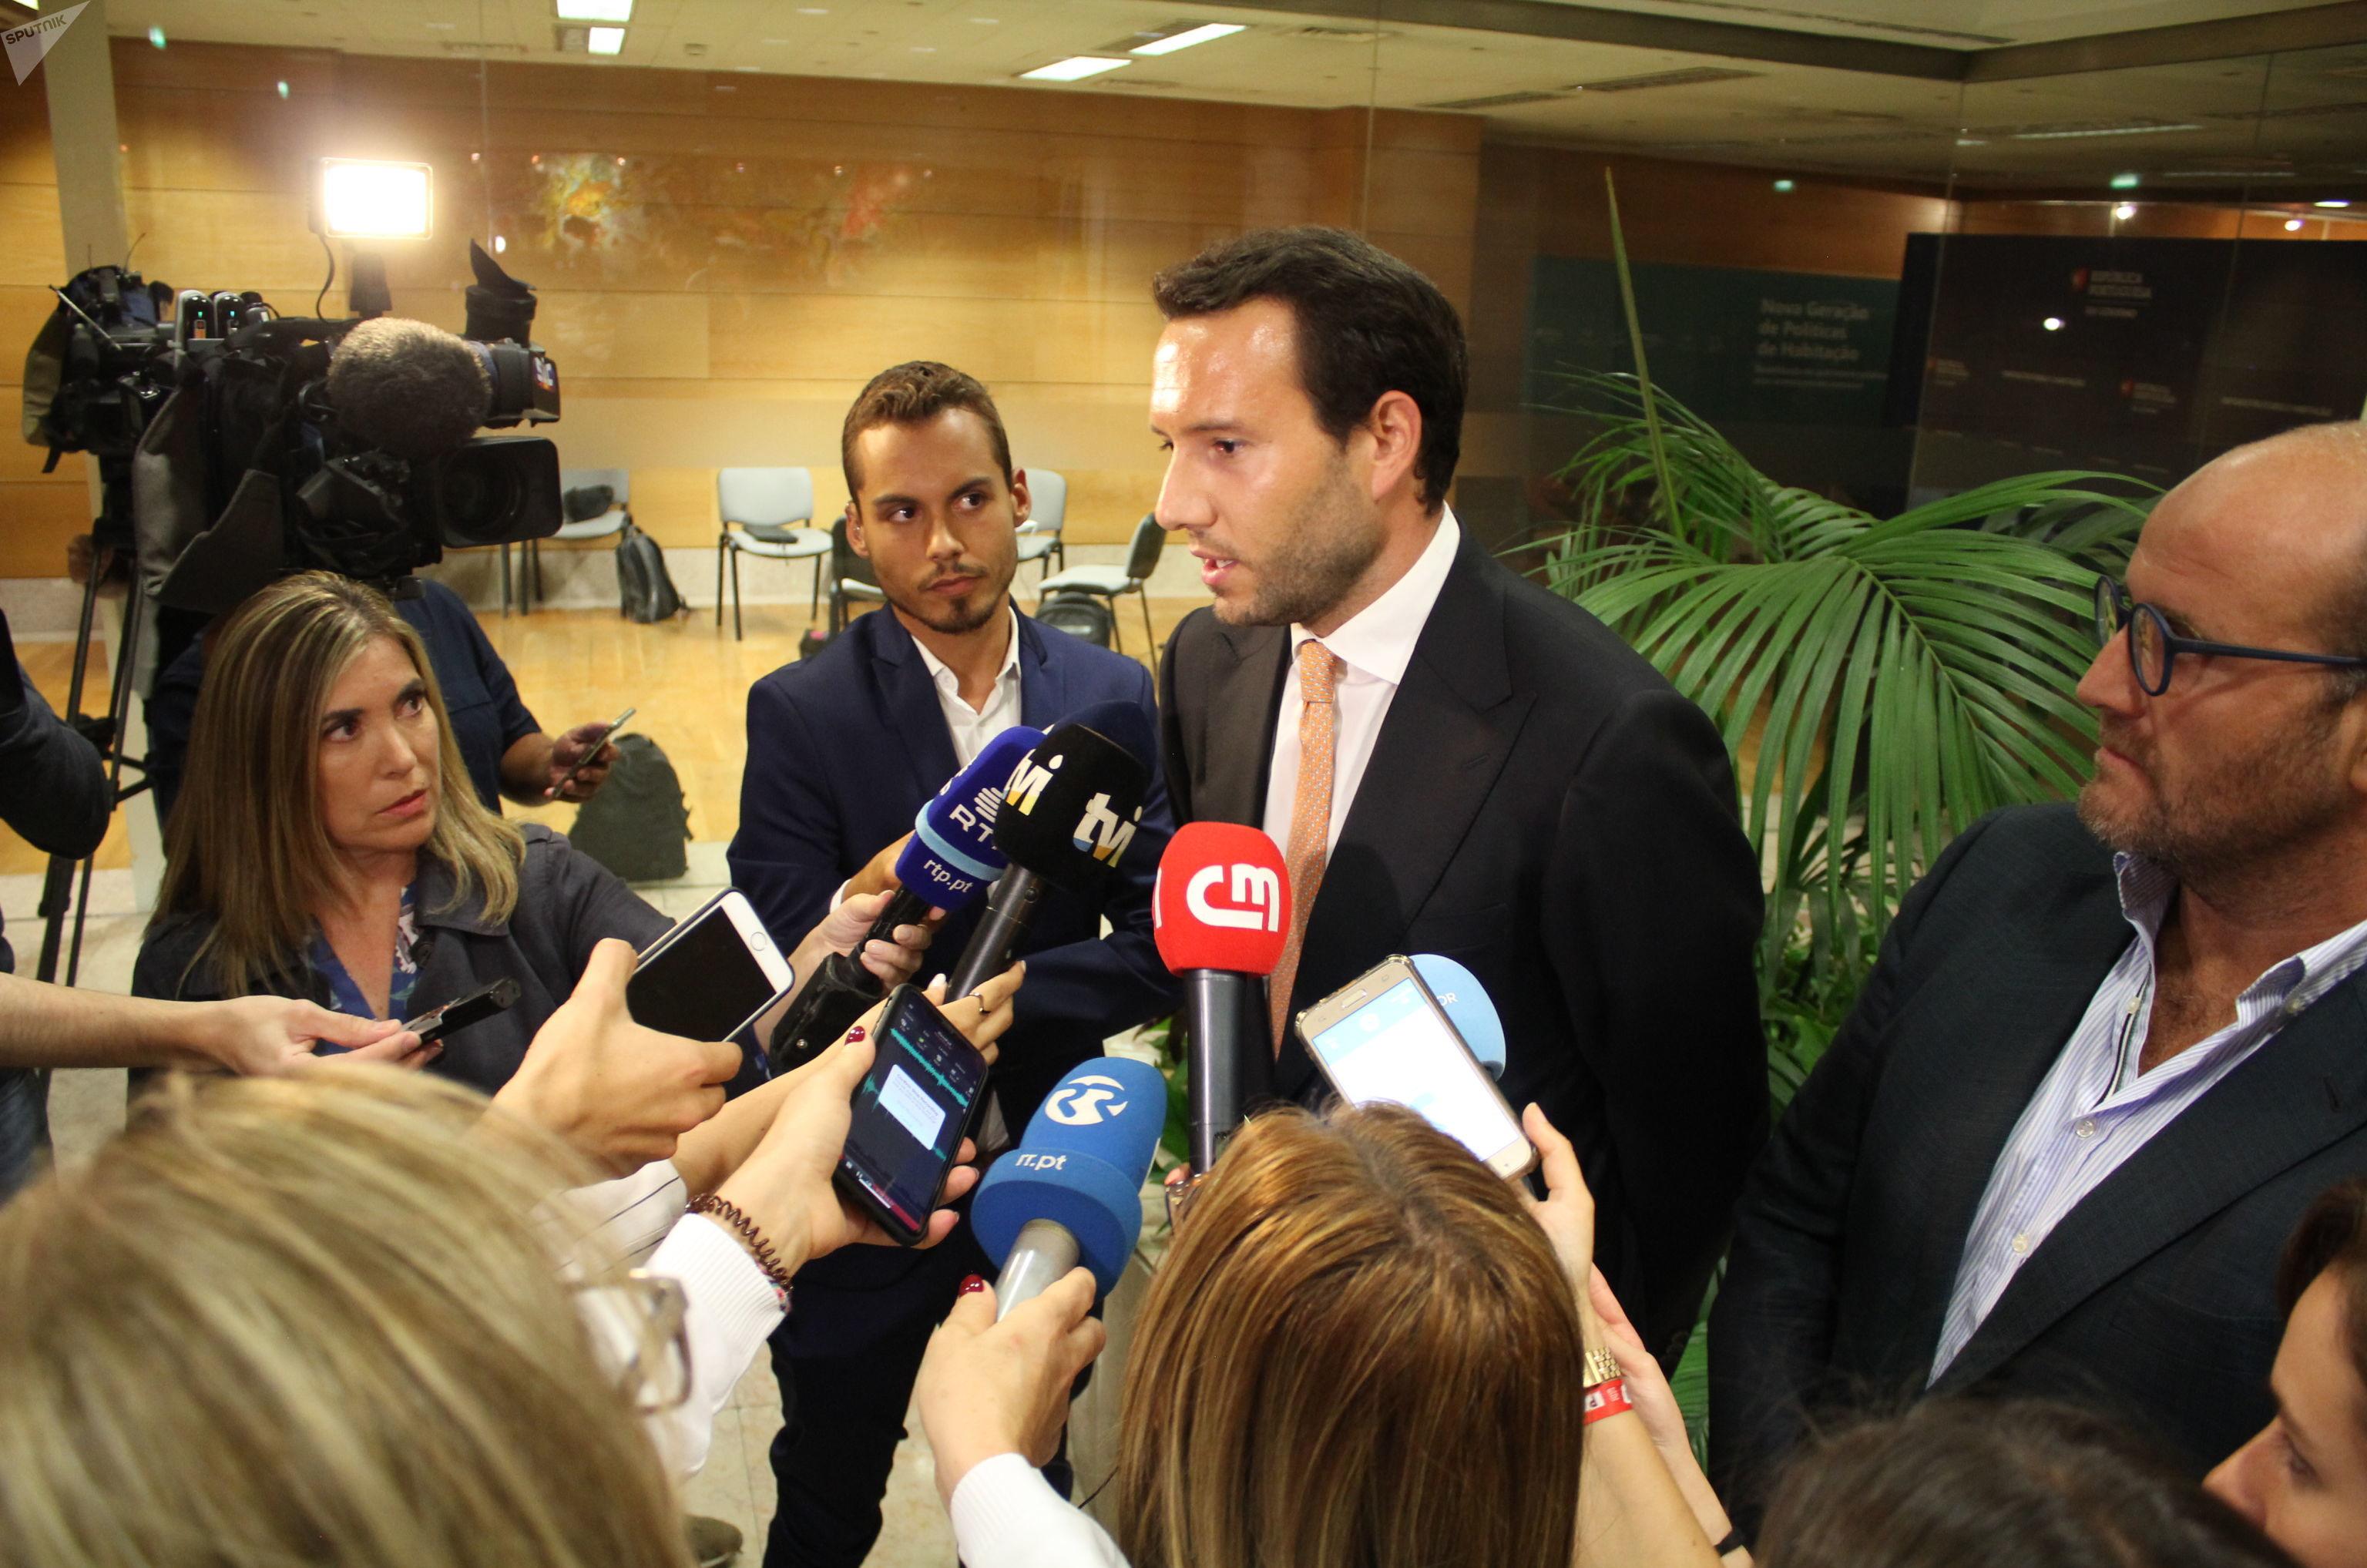 Porta-voz da Associação Nacional de Transportadores Públicos Rodoviários de Mercadorias, André Almeida, fala com jornalistas